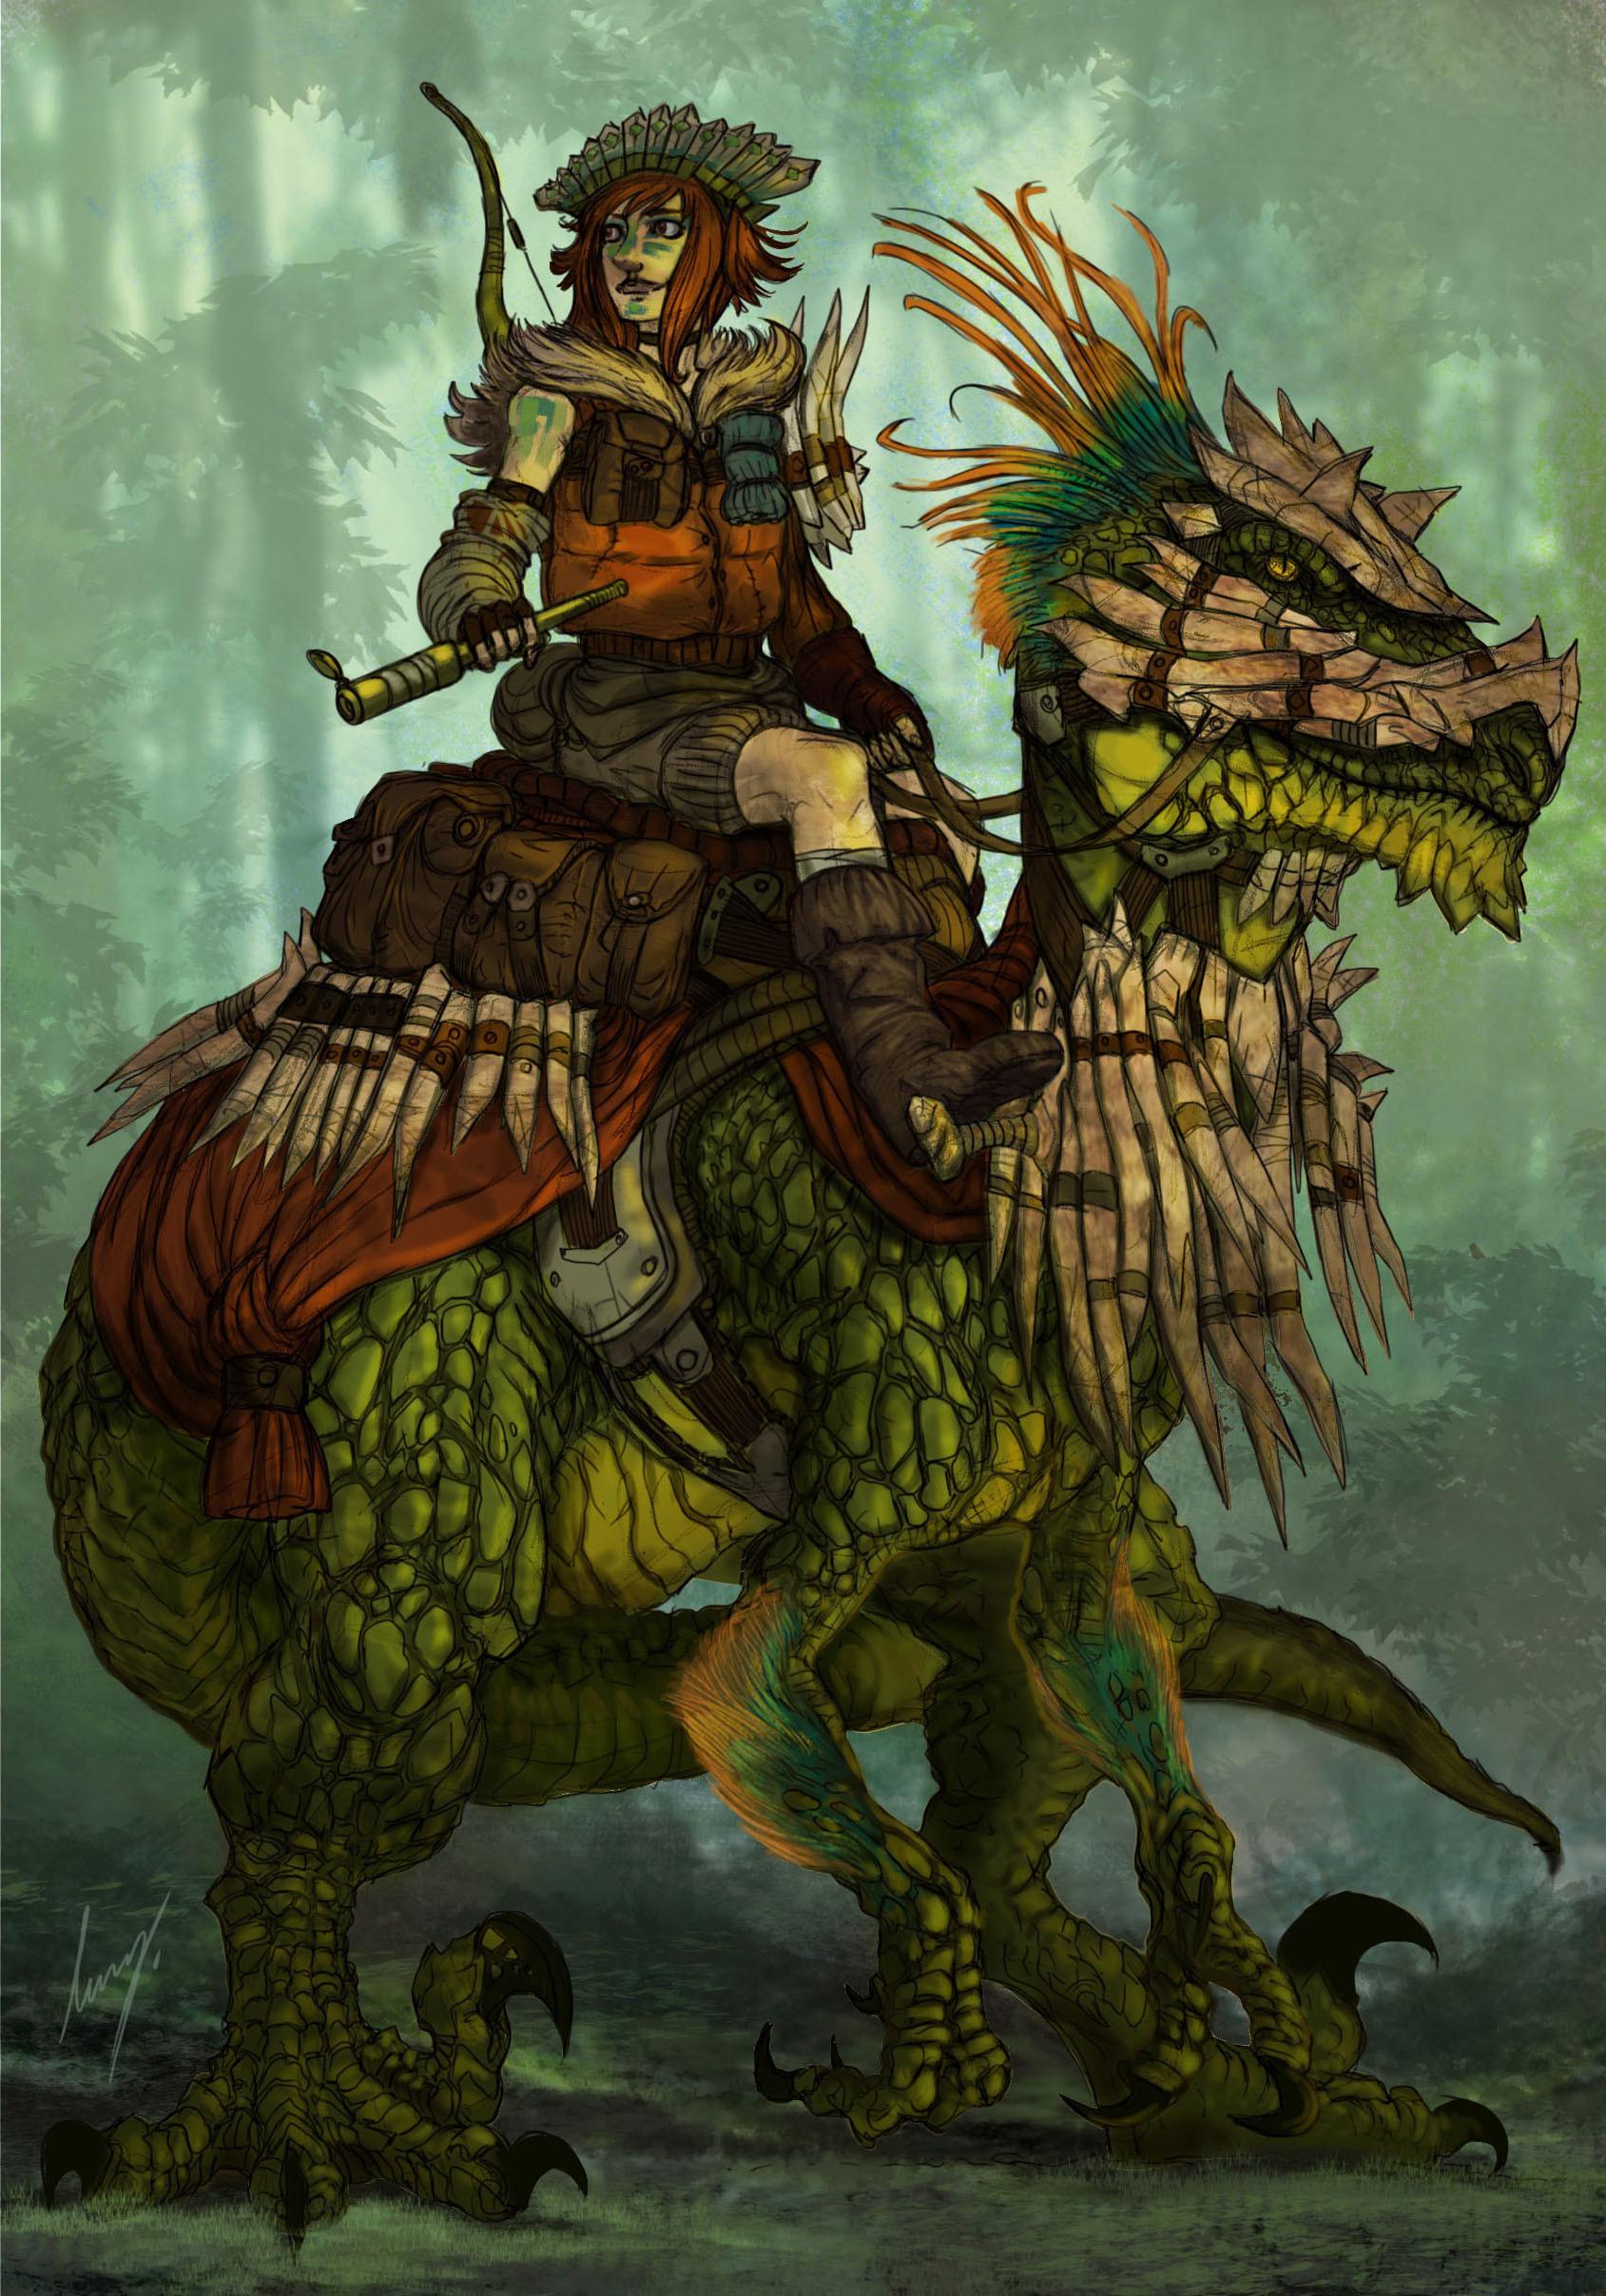 ArtStation - Dinosaur Rider, Deniz Ündan